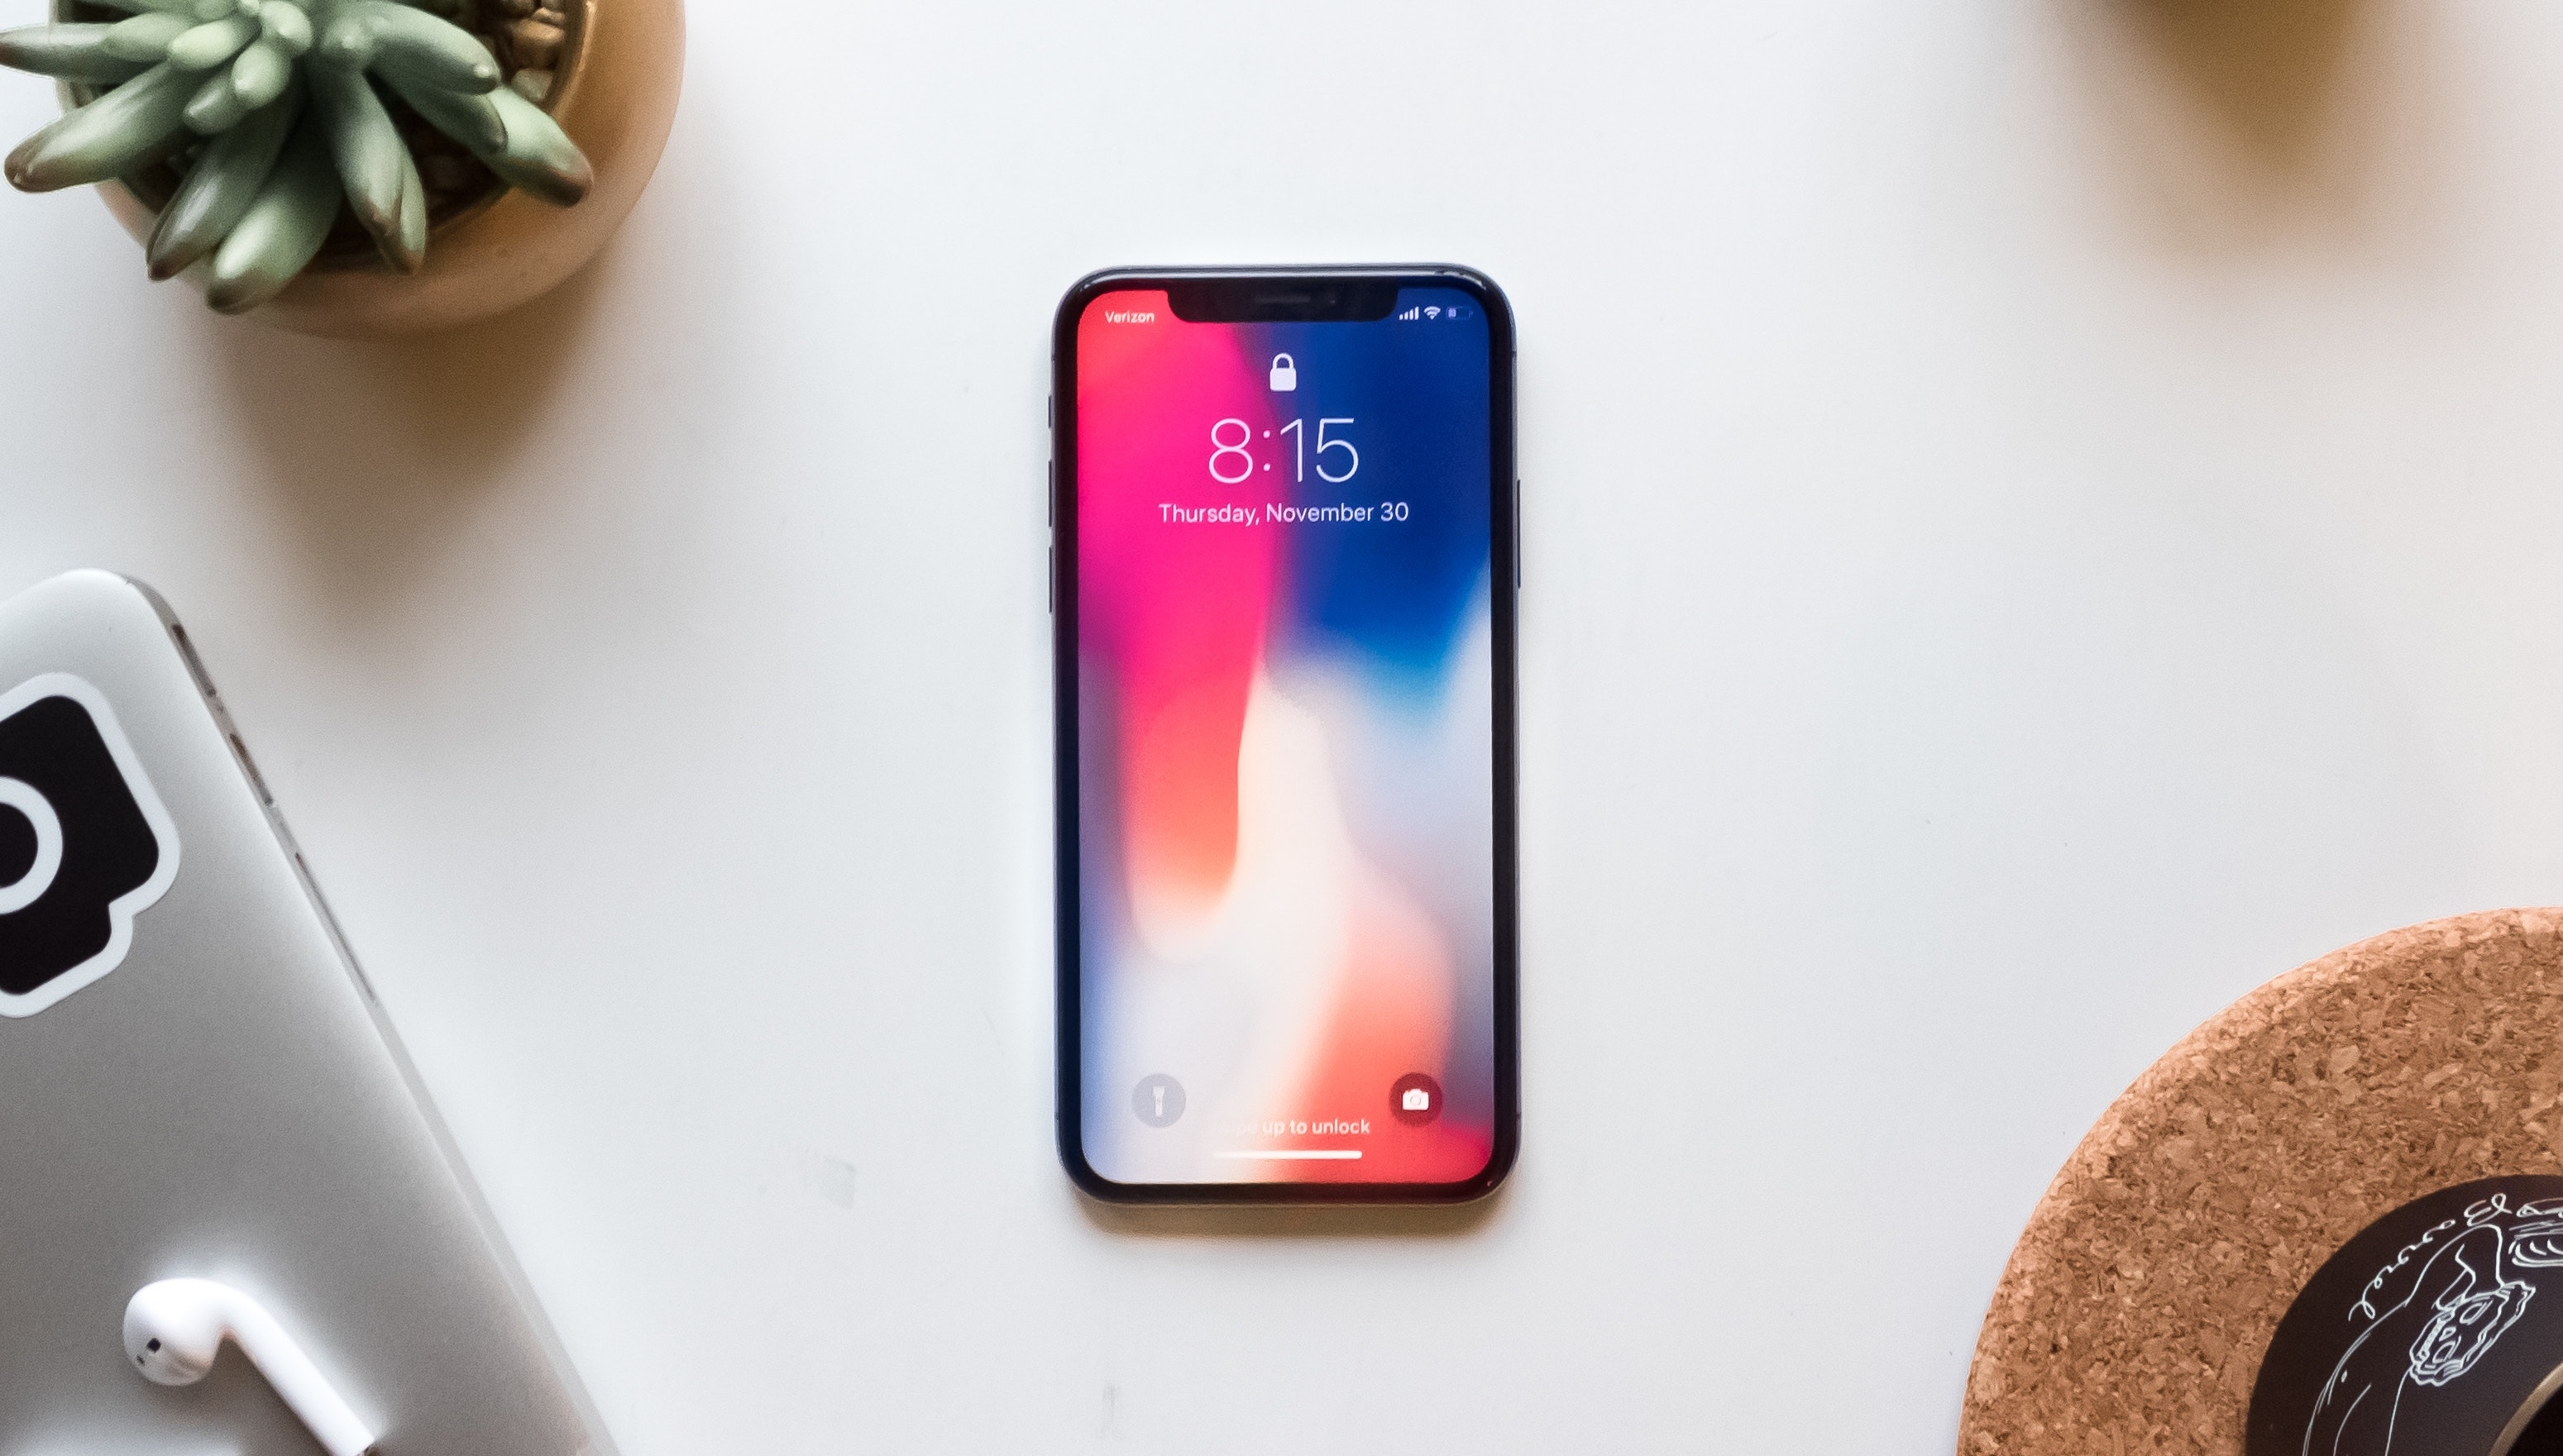 Rechte aansluiting app iPhone